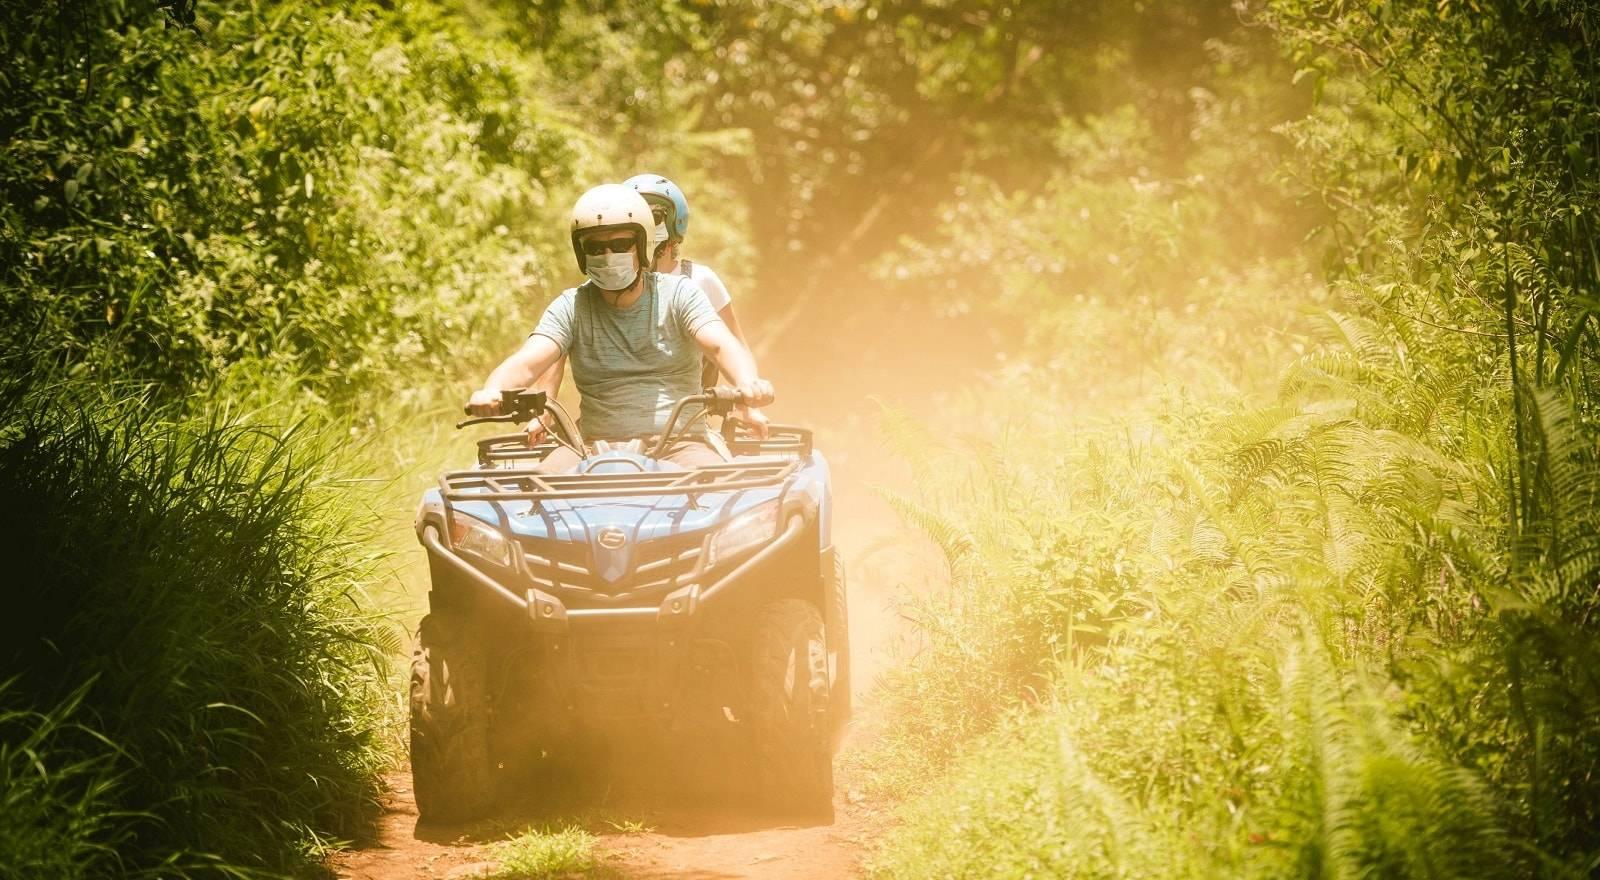 Mauritius Quadbike Adventure - Discovery Tour